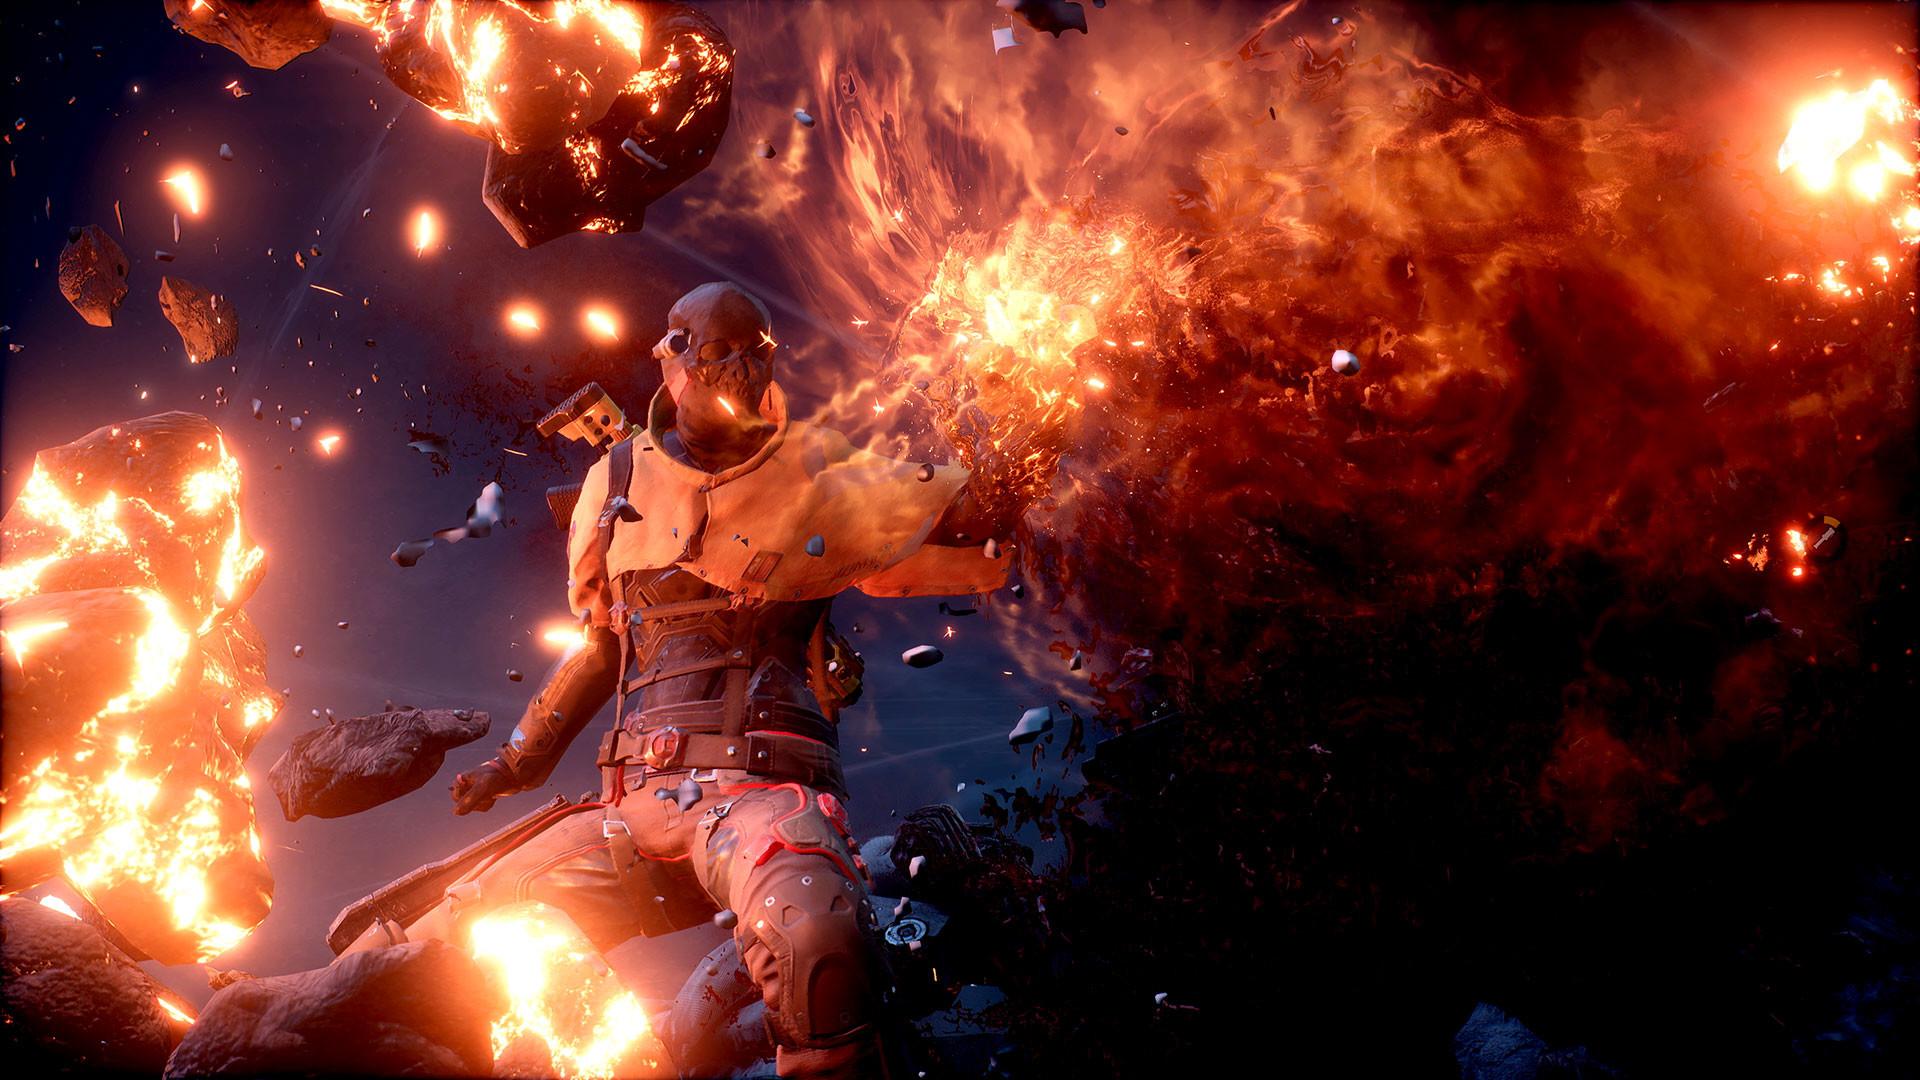 《Outriders》公开全新宣传片 一款没有治疗的射击游戏